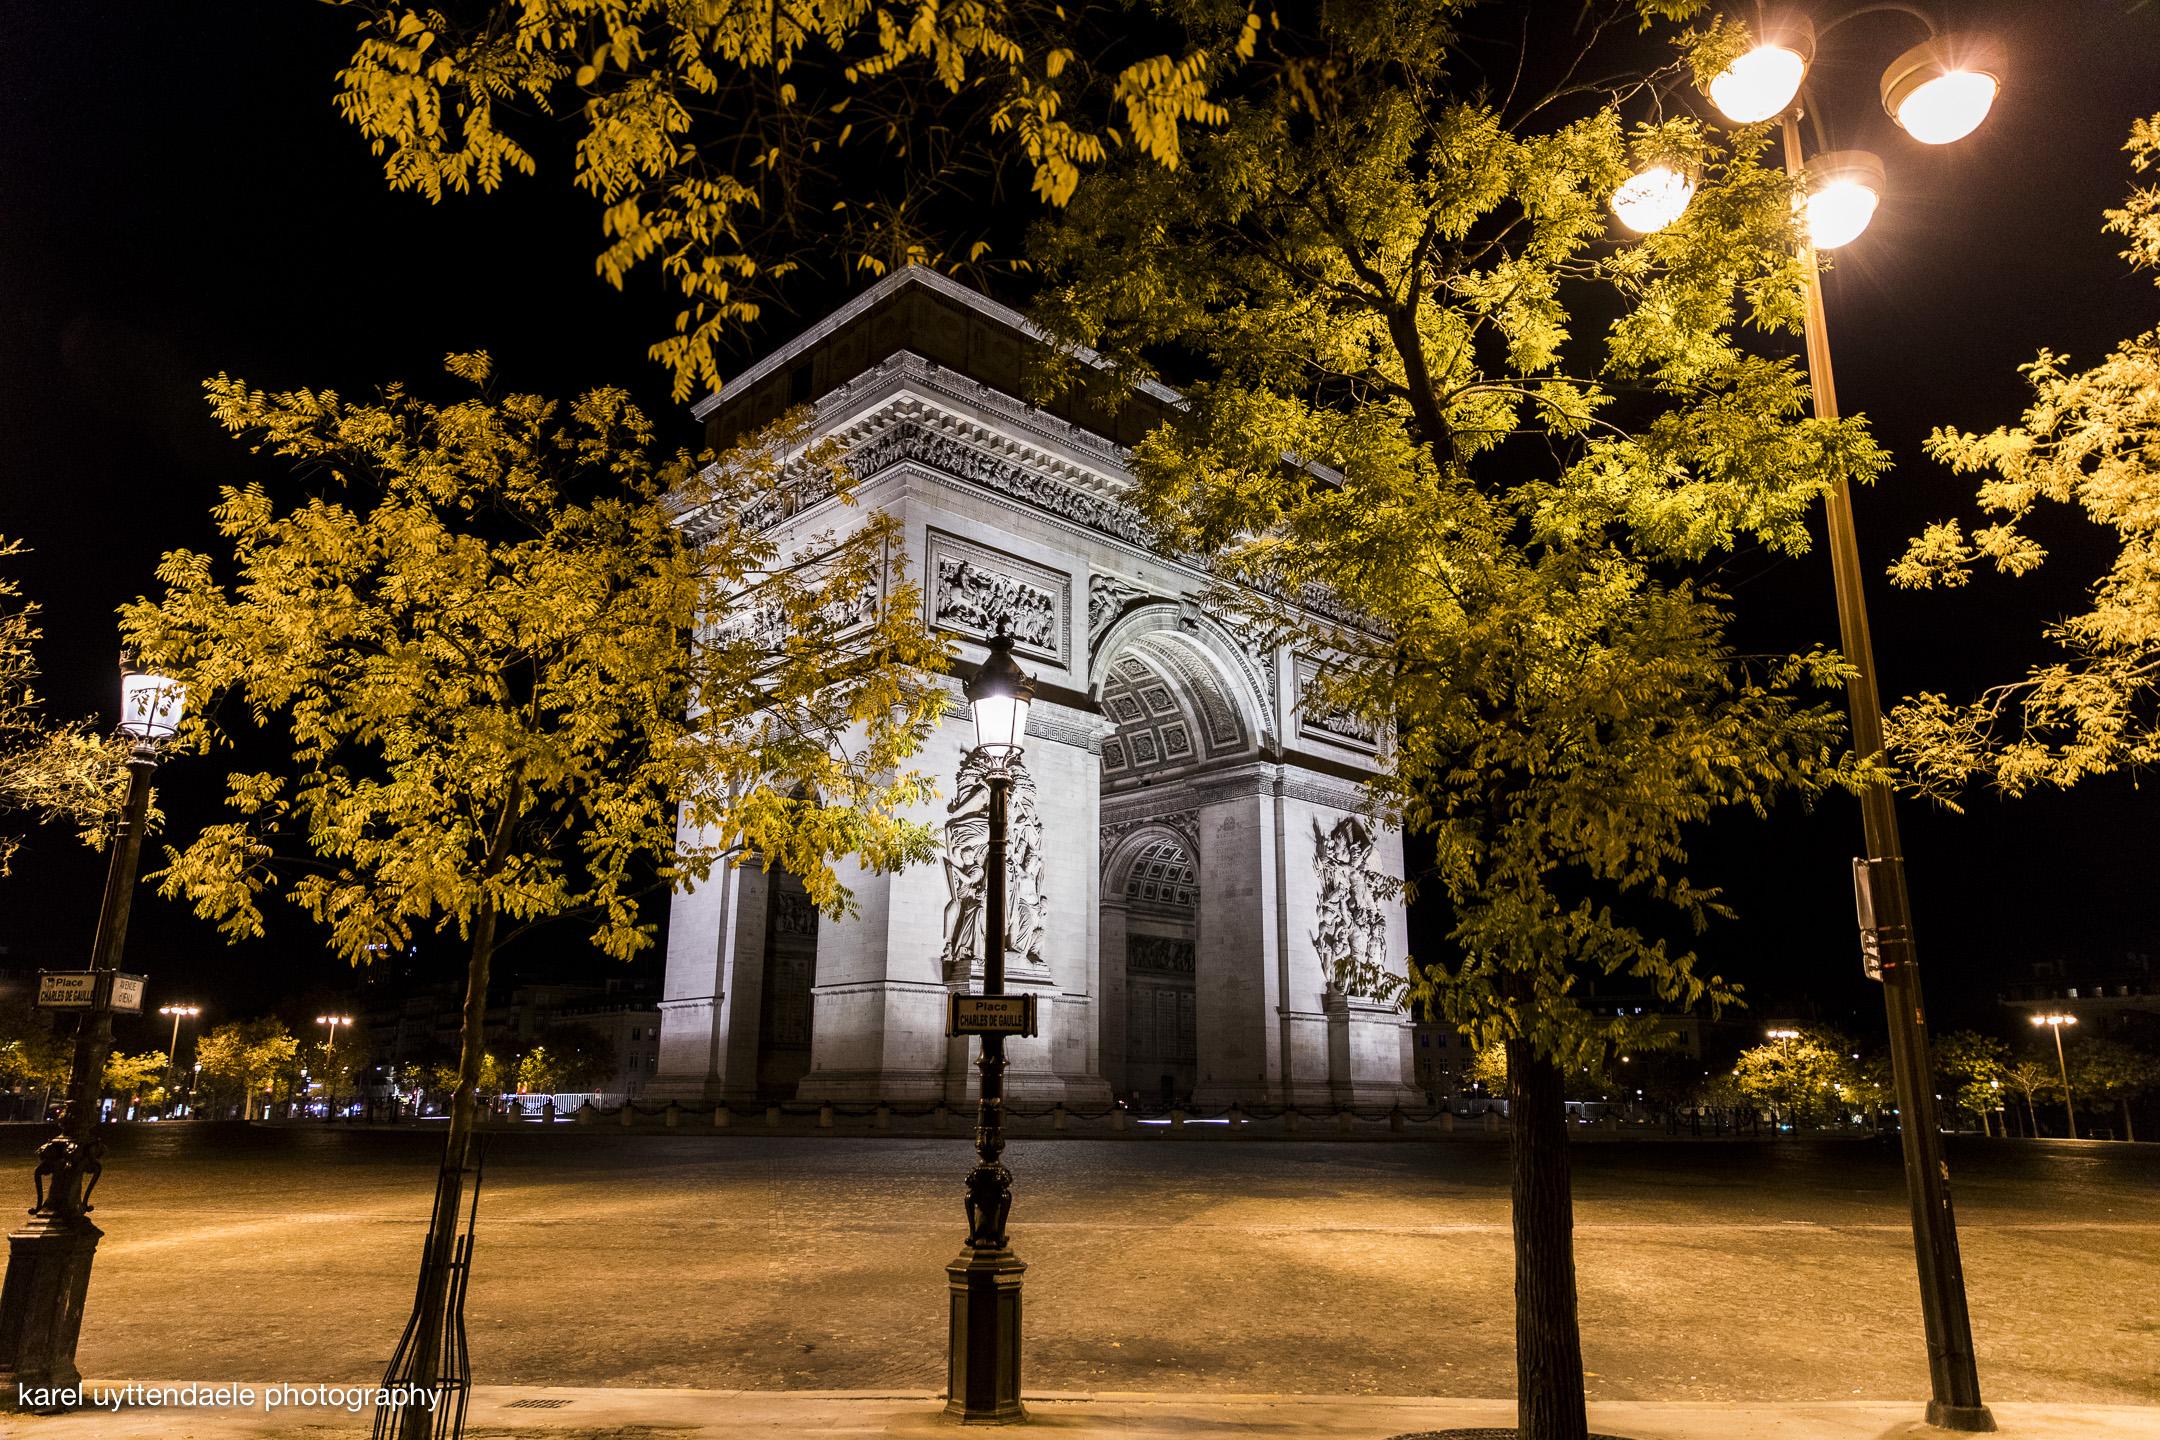 Autumn in Paris - Nov '17